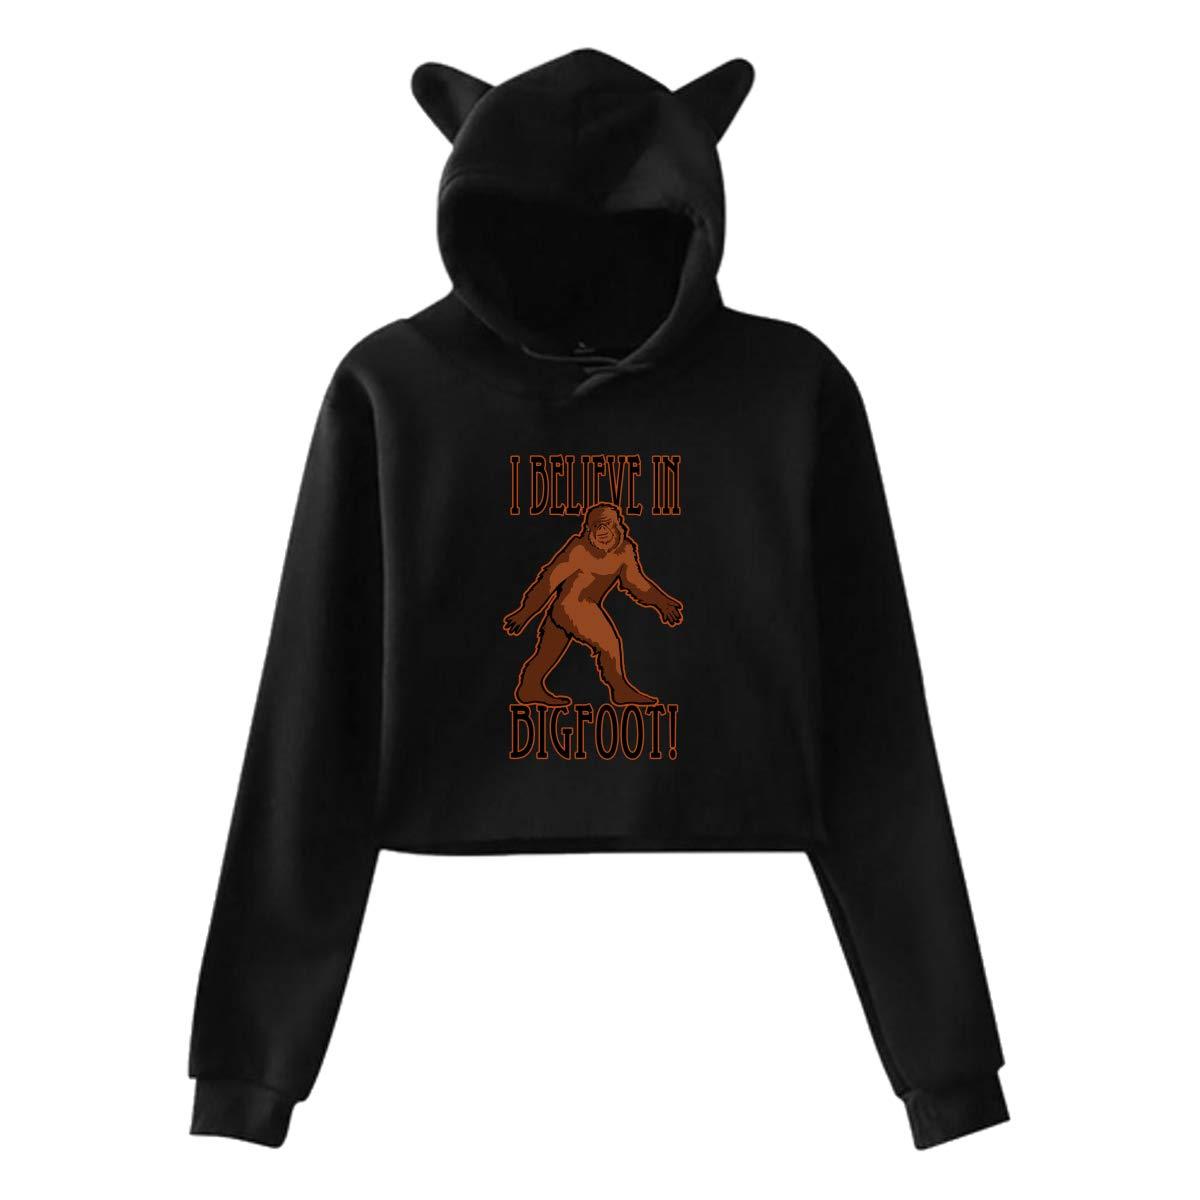 Womens Long Sleeve Crop Top Hoodies Believe in Bigfoot Cat Ear Lumbar Hoodie Pullover Sweater